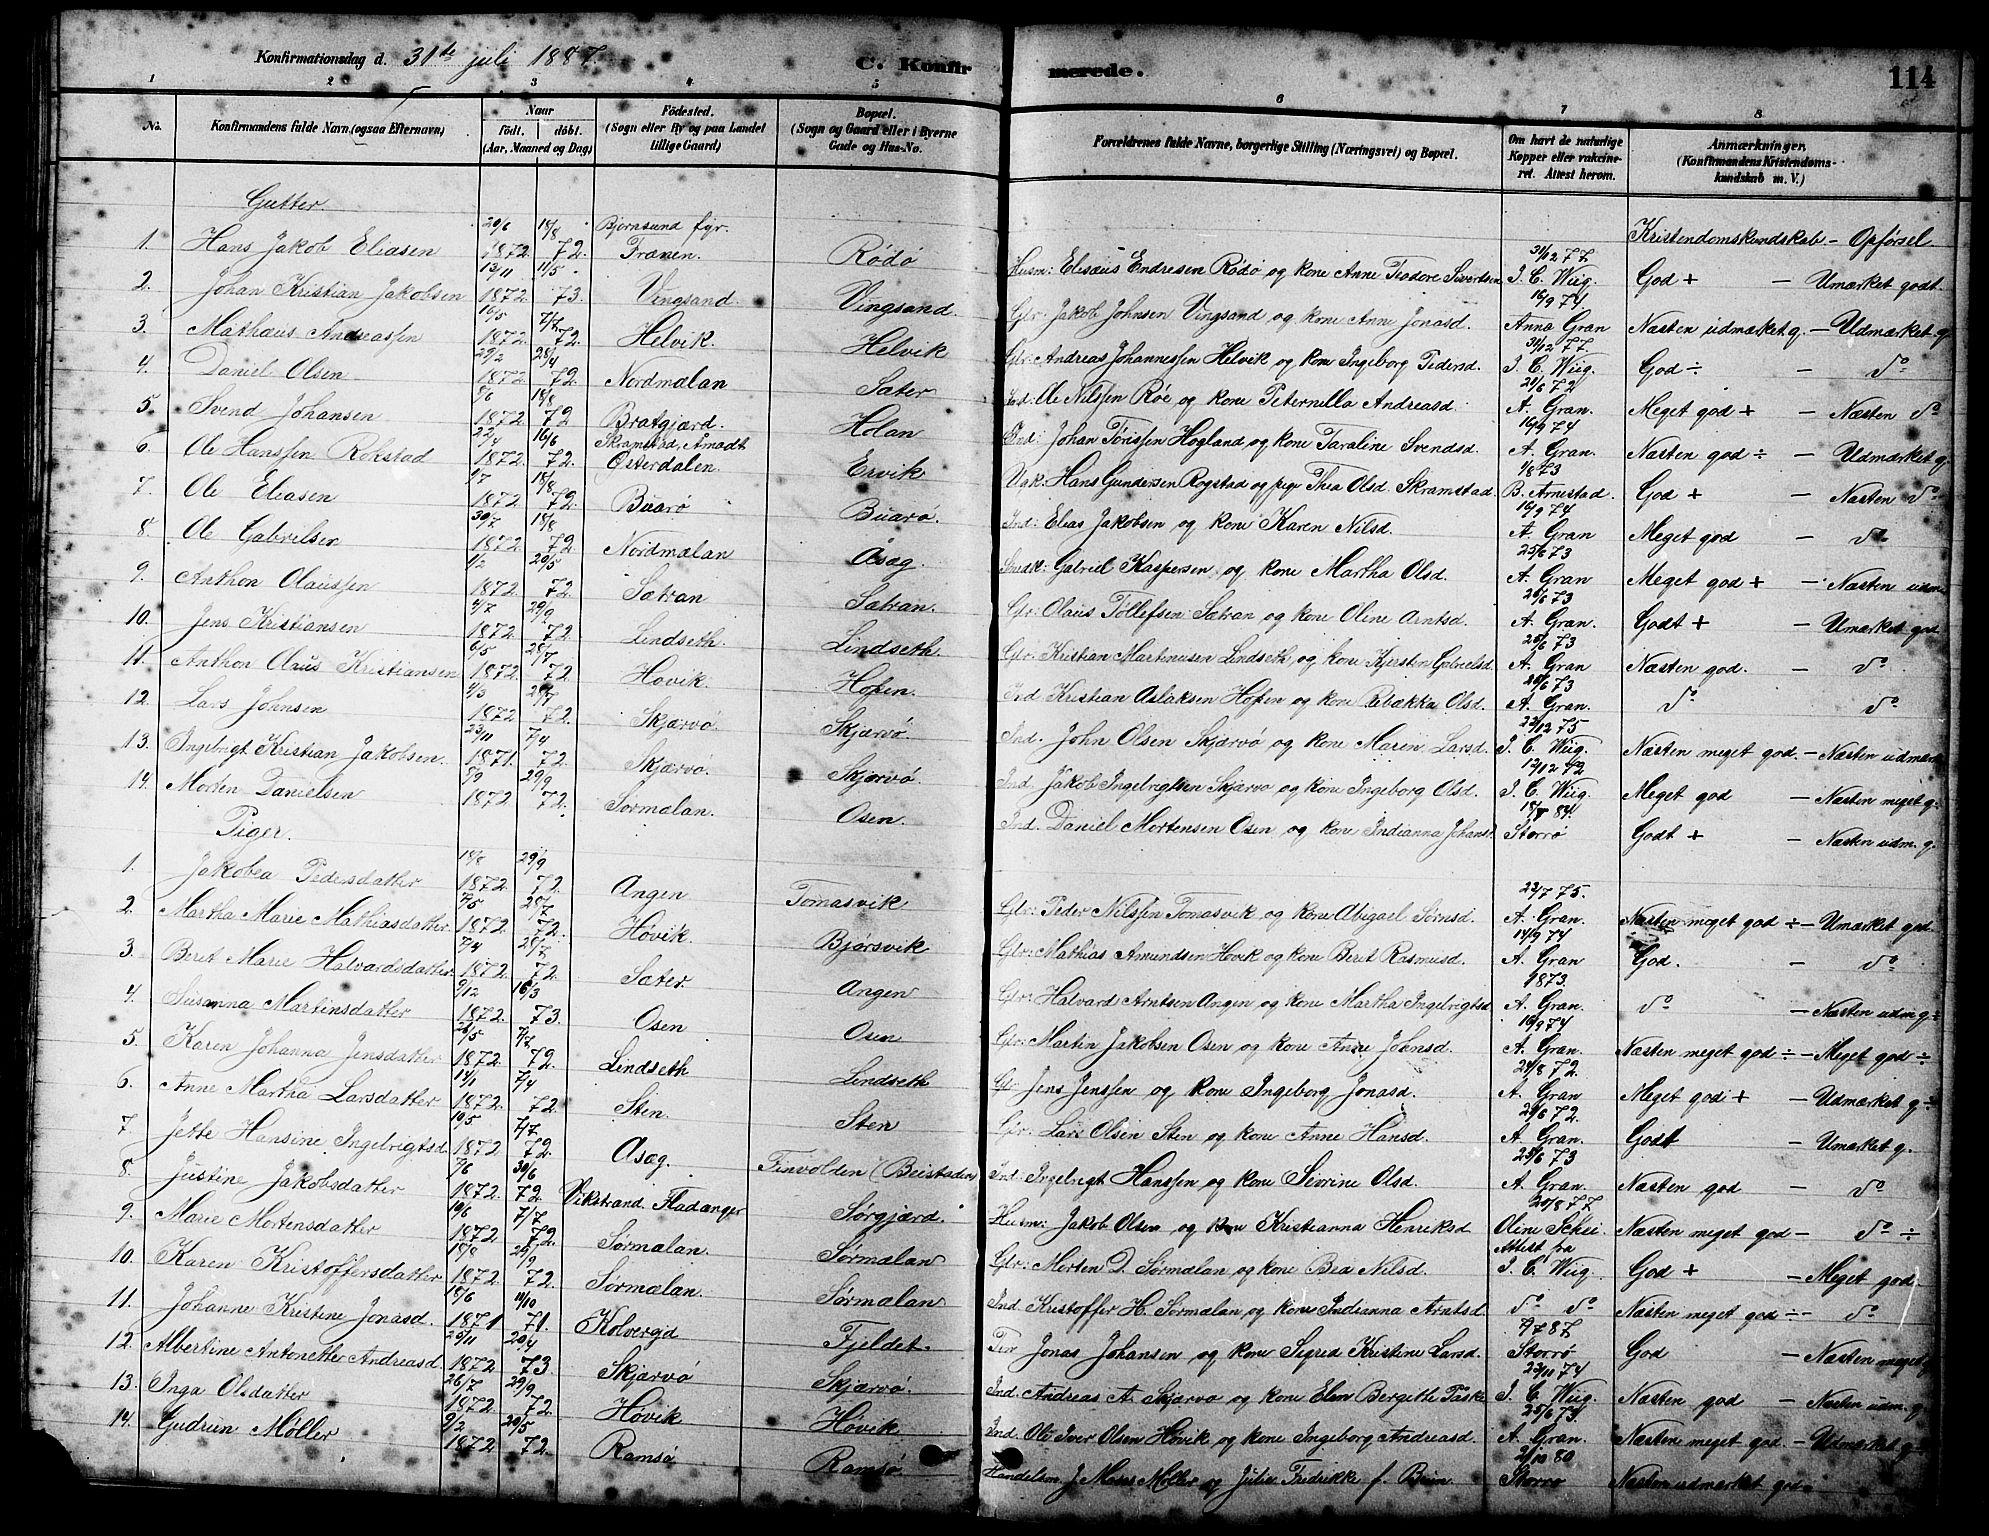 SAT, Ministerialprotokoller, klokkerbøker og fødselsregistre - Sør-Trøndelag, 658/L0726: Klokkerbok nr. 658C02, 1883-1908, s. 114